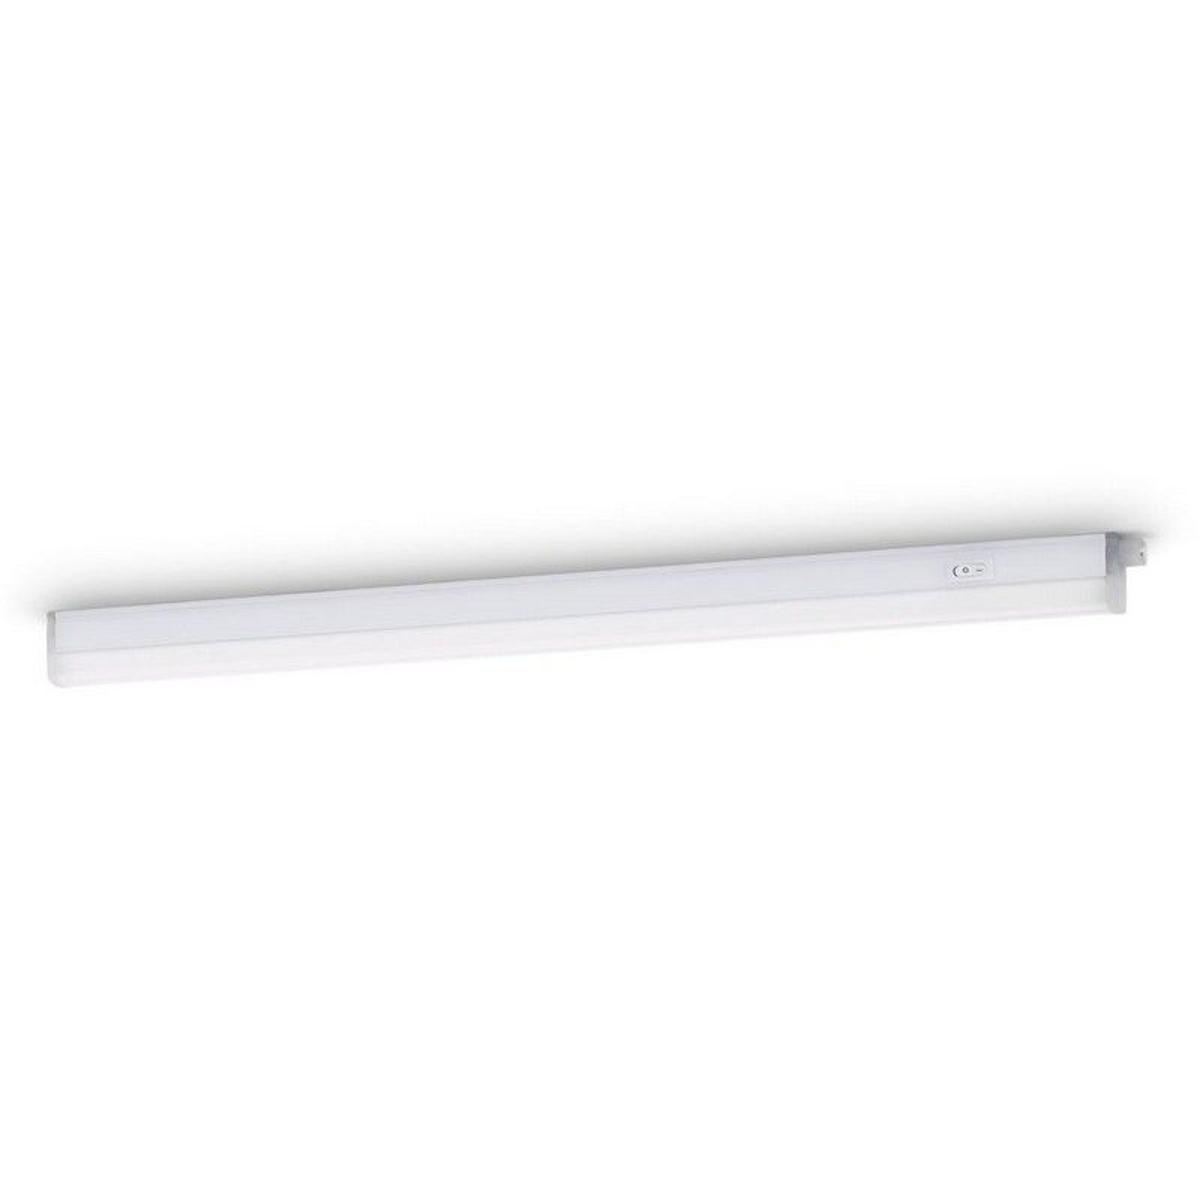 Eclairage LED cuisine Linear 2700K L55 cm